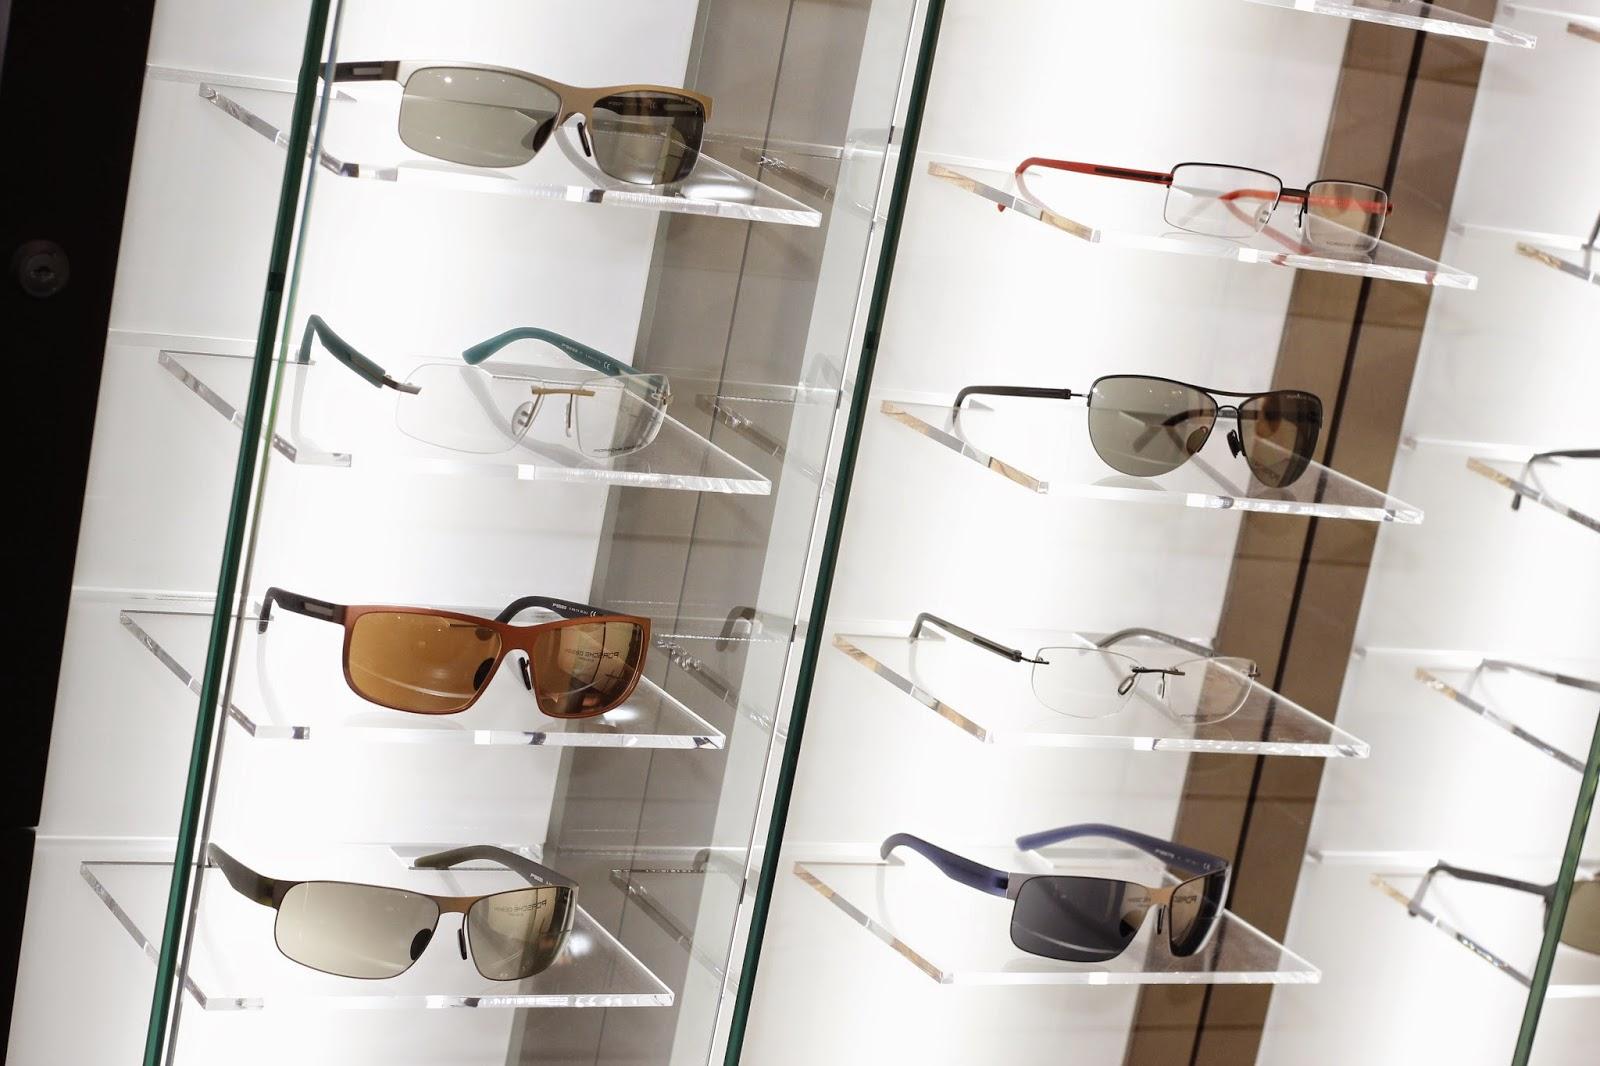 occhiali da sole intelligenti, rodestock, lente cromatiche a protezione solare